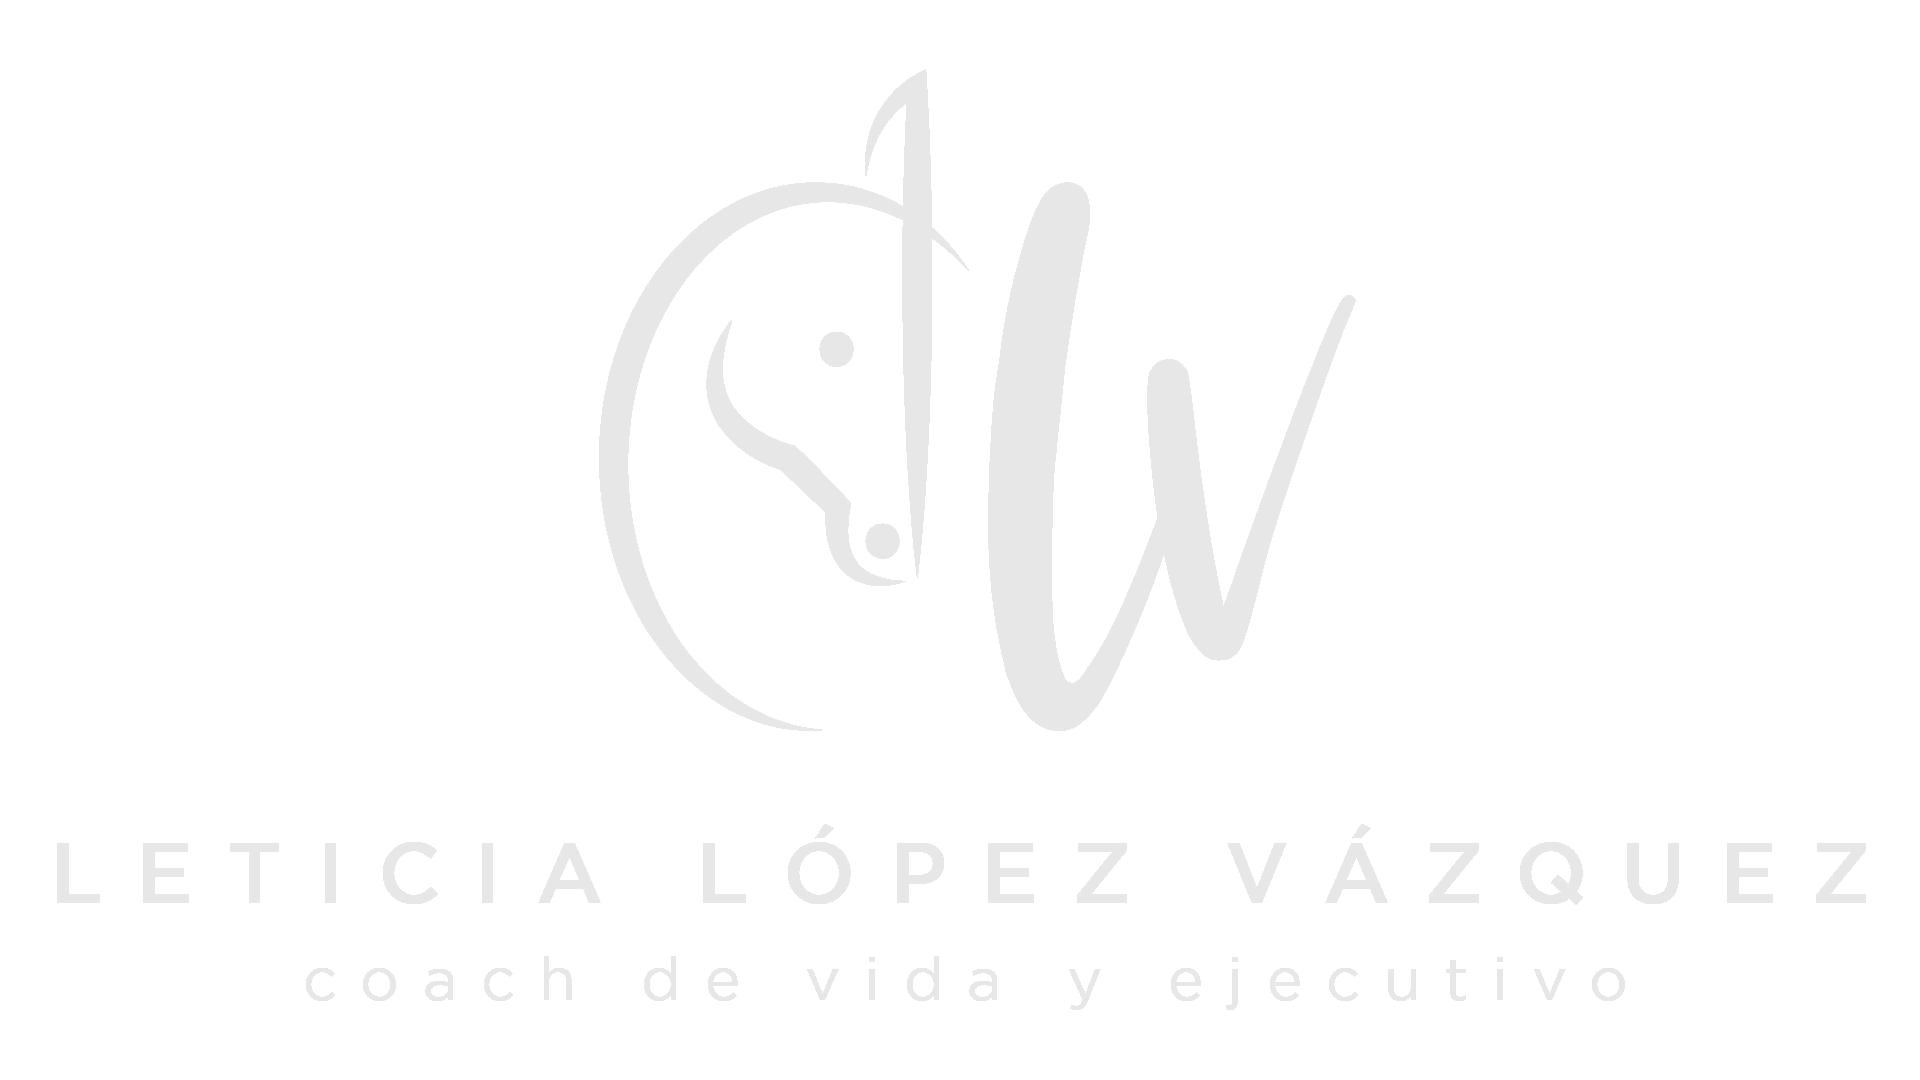 Leticia López Vazquez